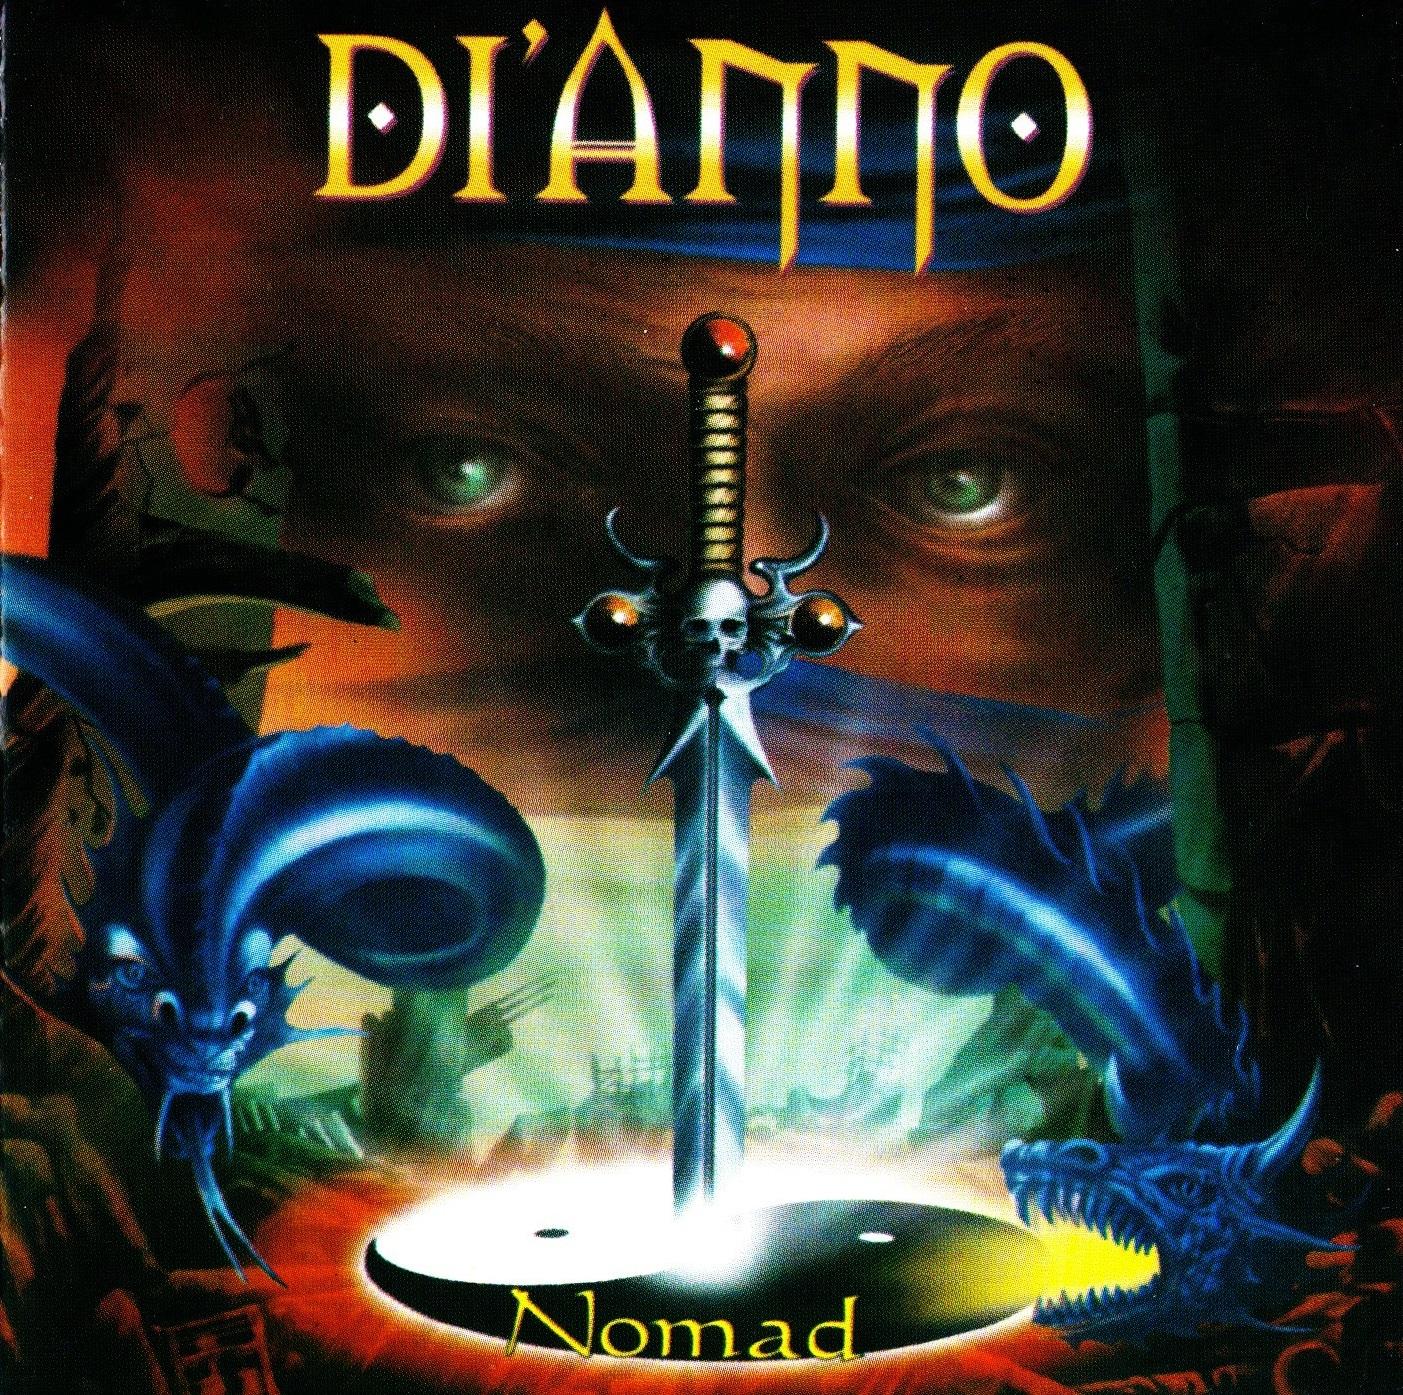 Di'Anno — Nomad (2000)